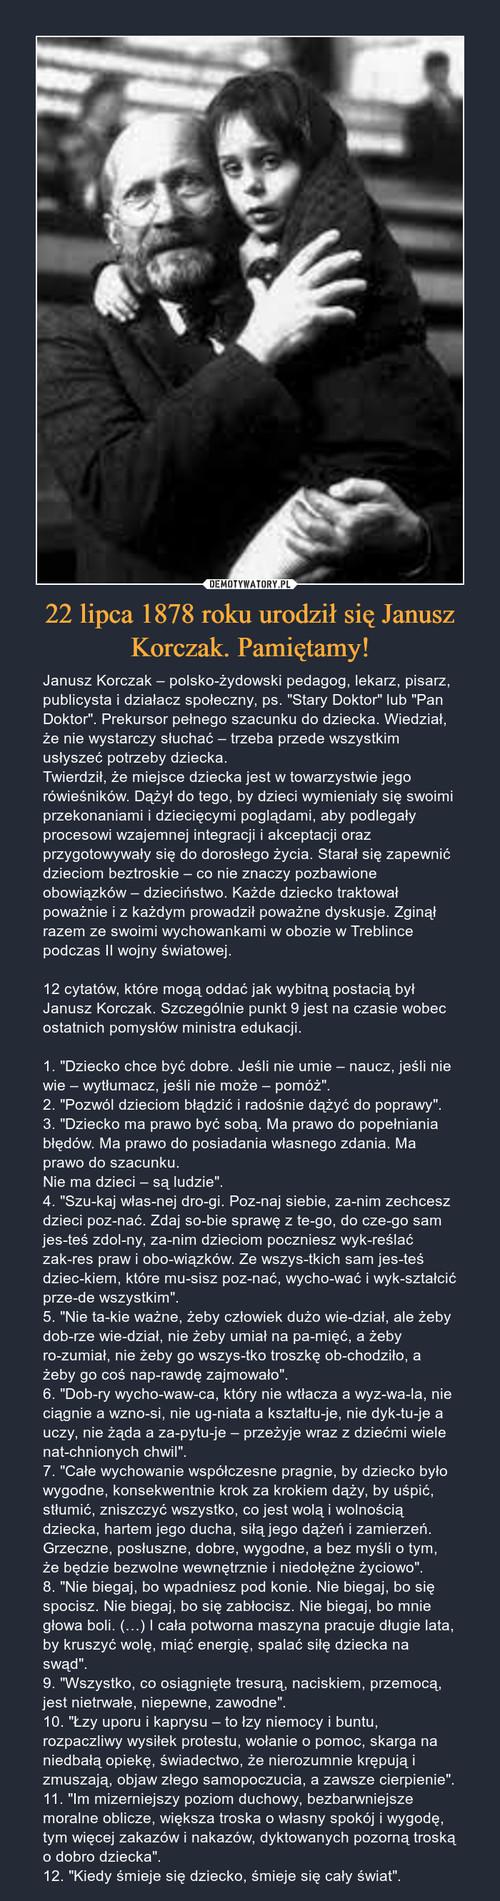 22 lipca 1878 roku urodził się Janusz Korczak. Pamiętamy!